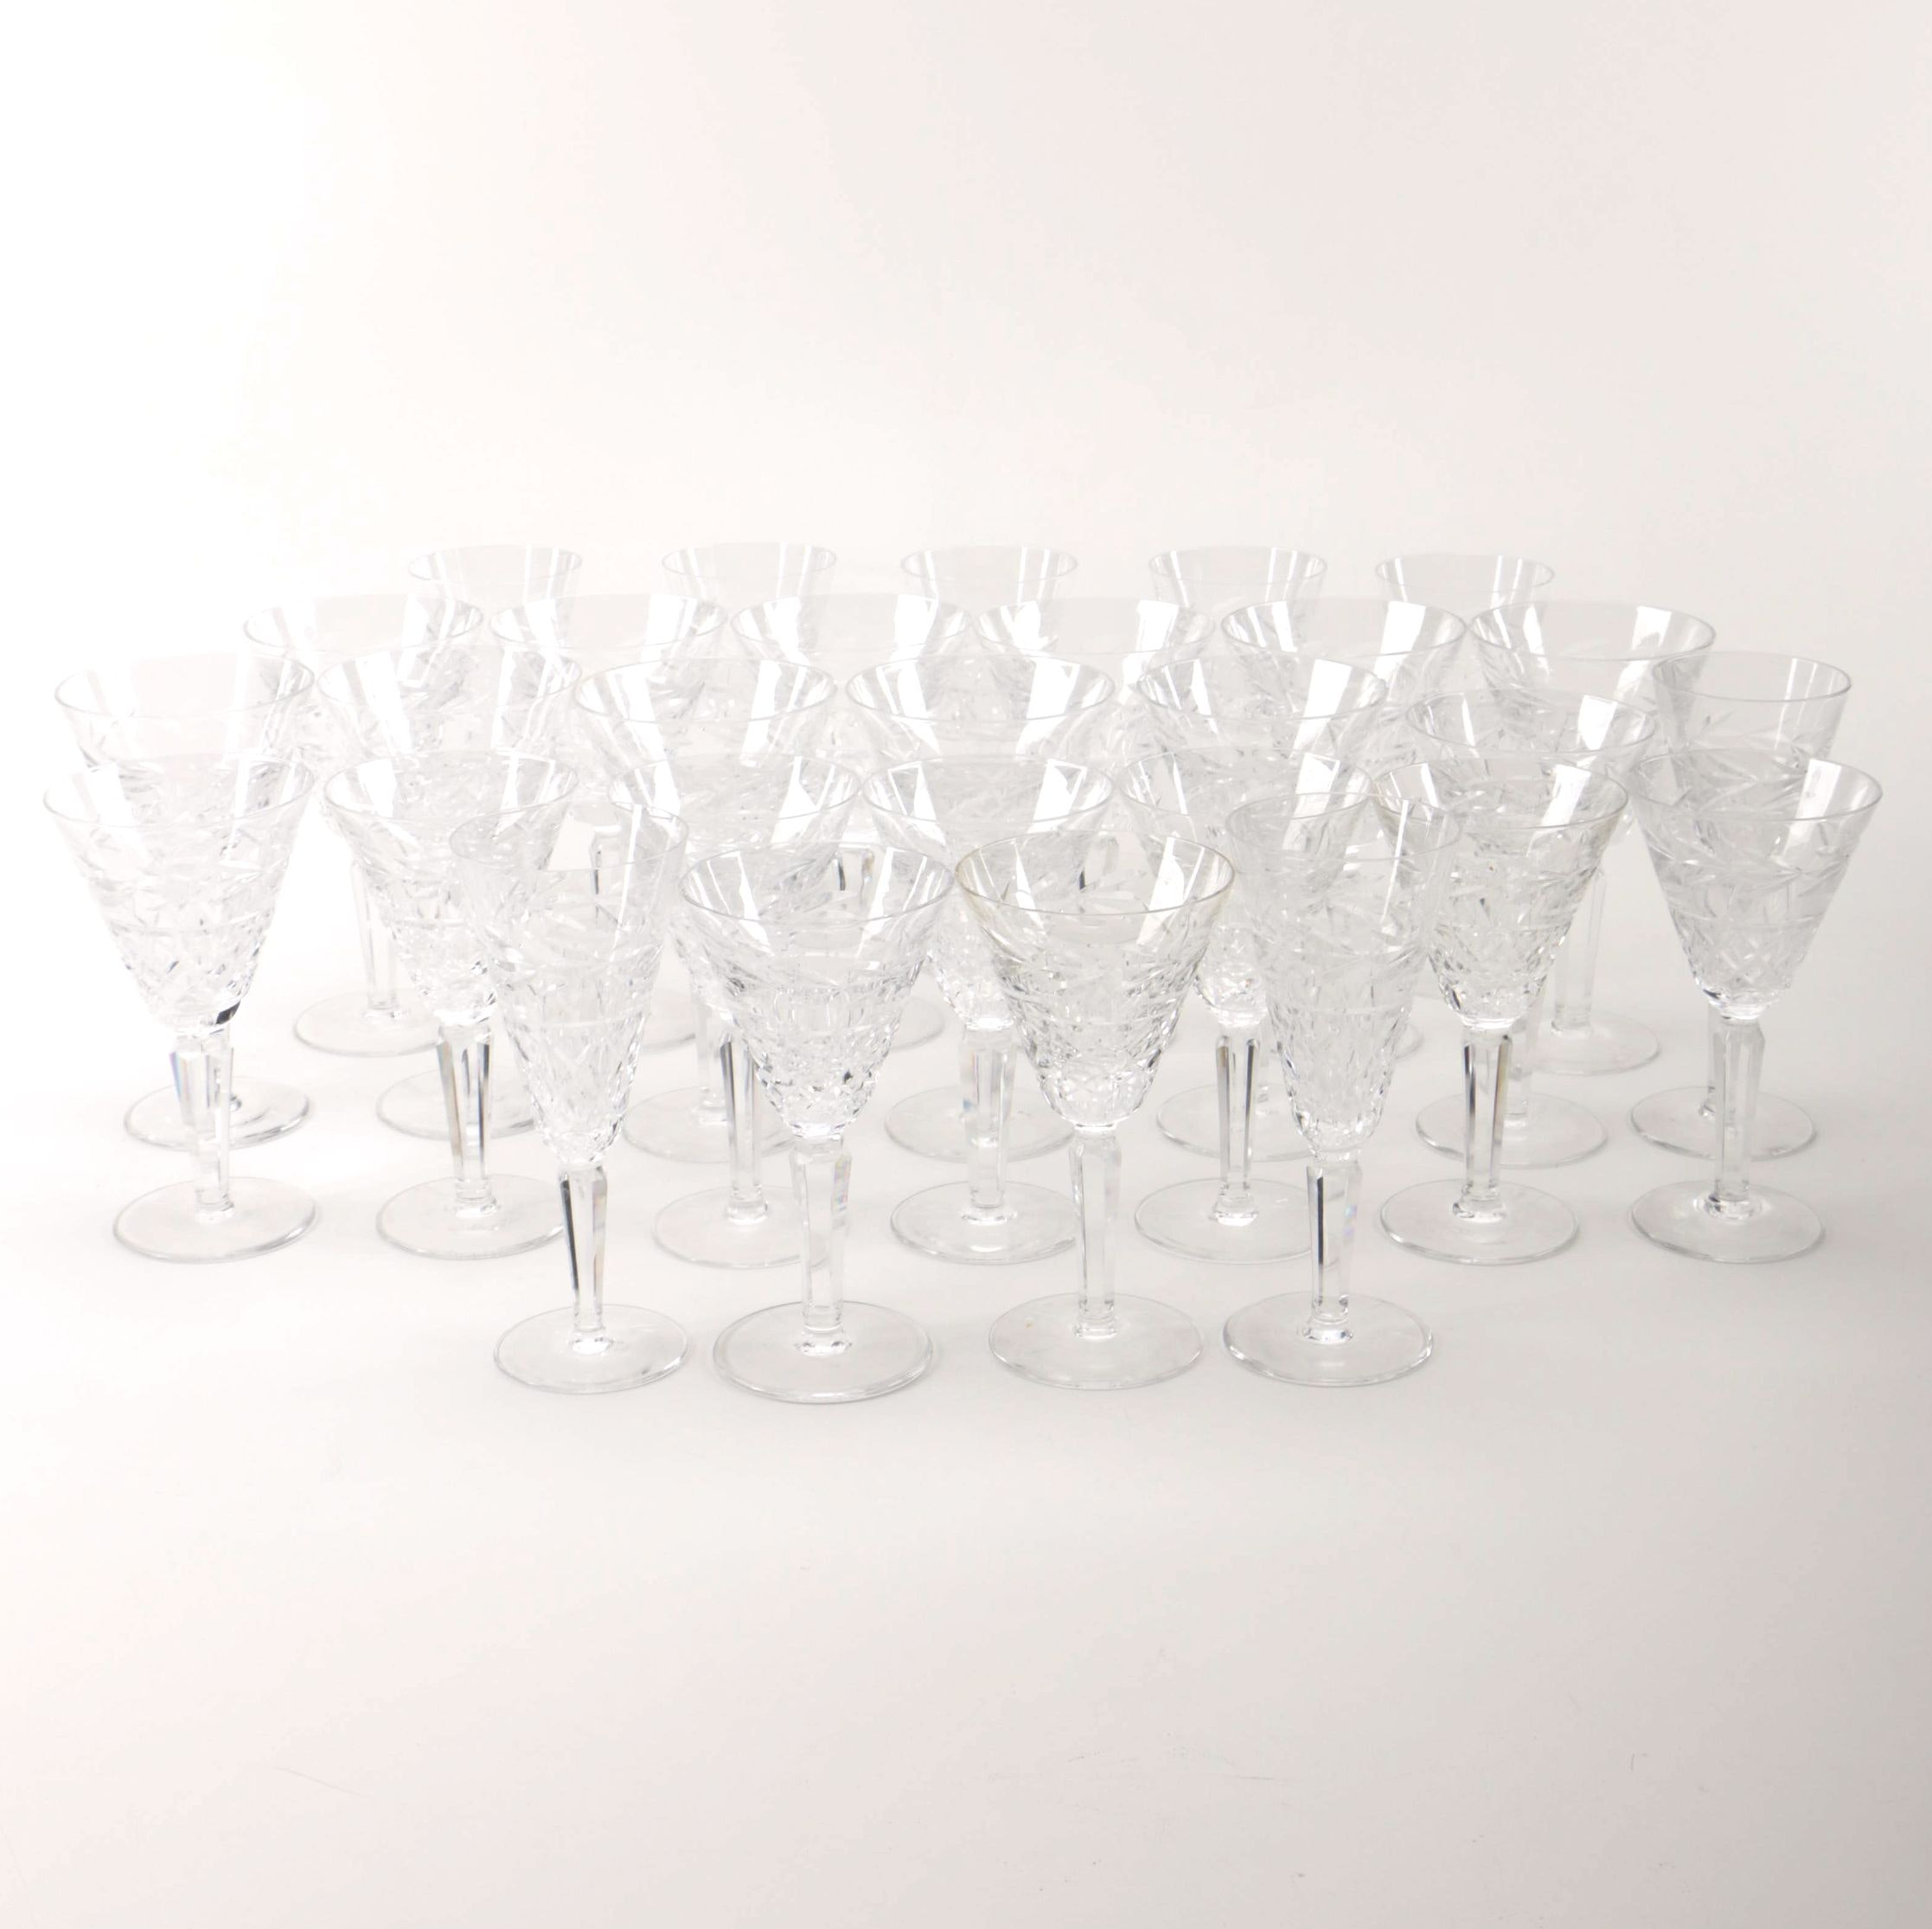 Set of Waterford Crystal Stemware